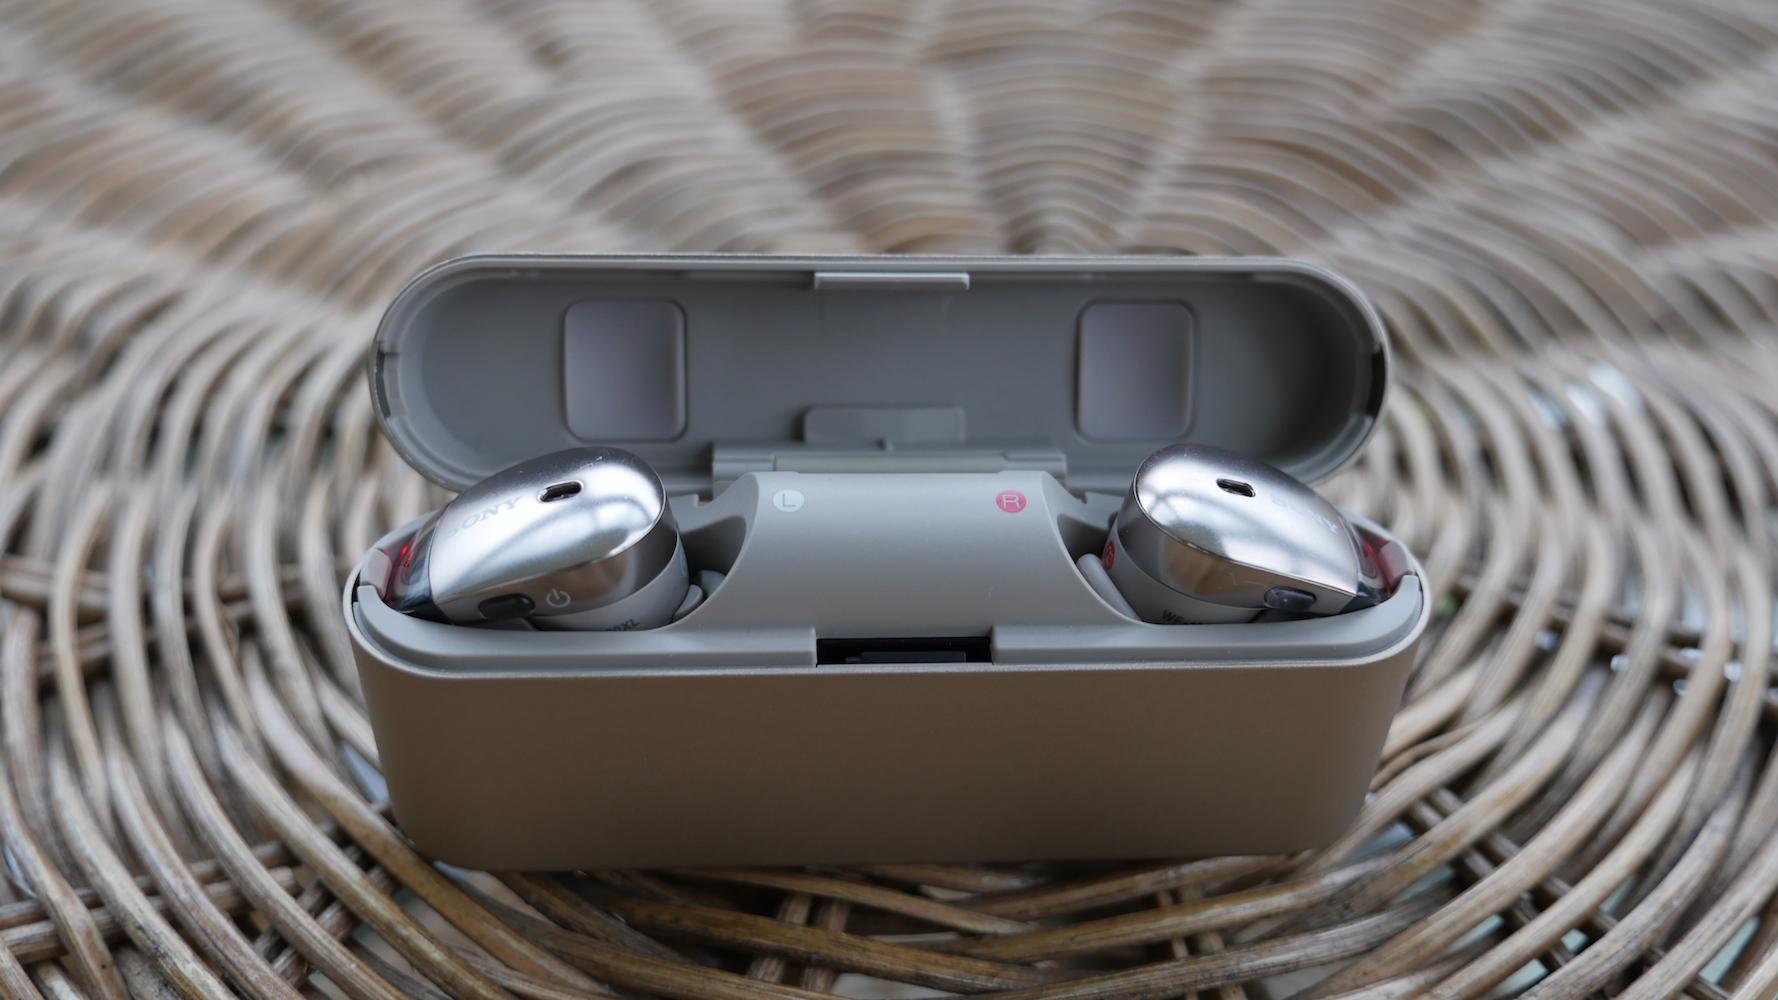 Ładowanie słuchawek Sony WF-1000X